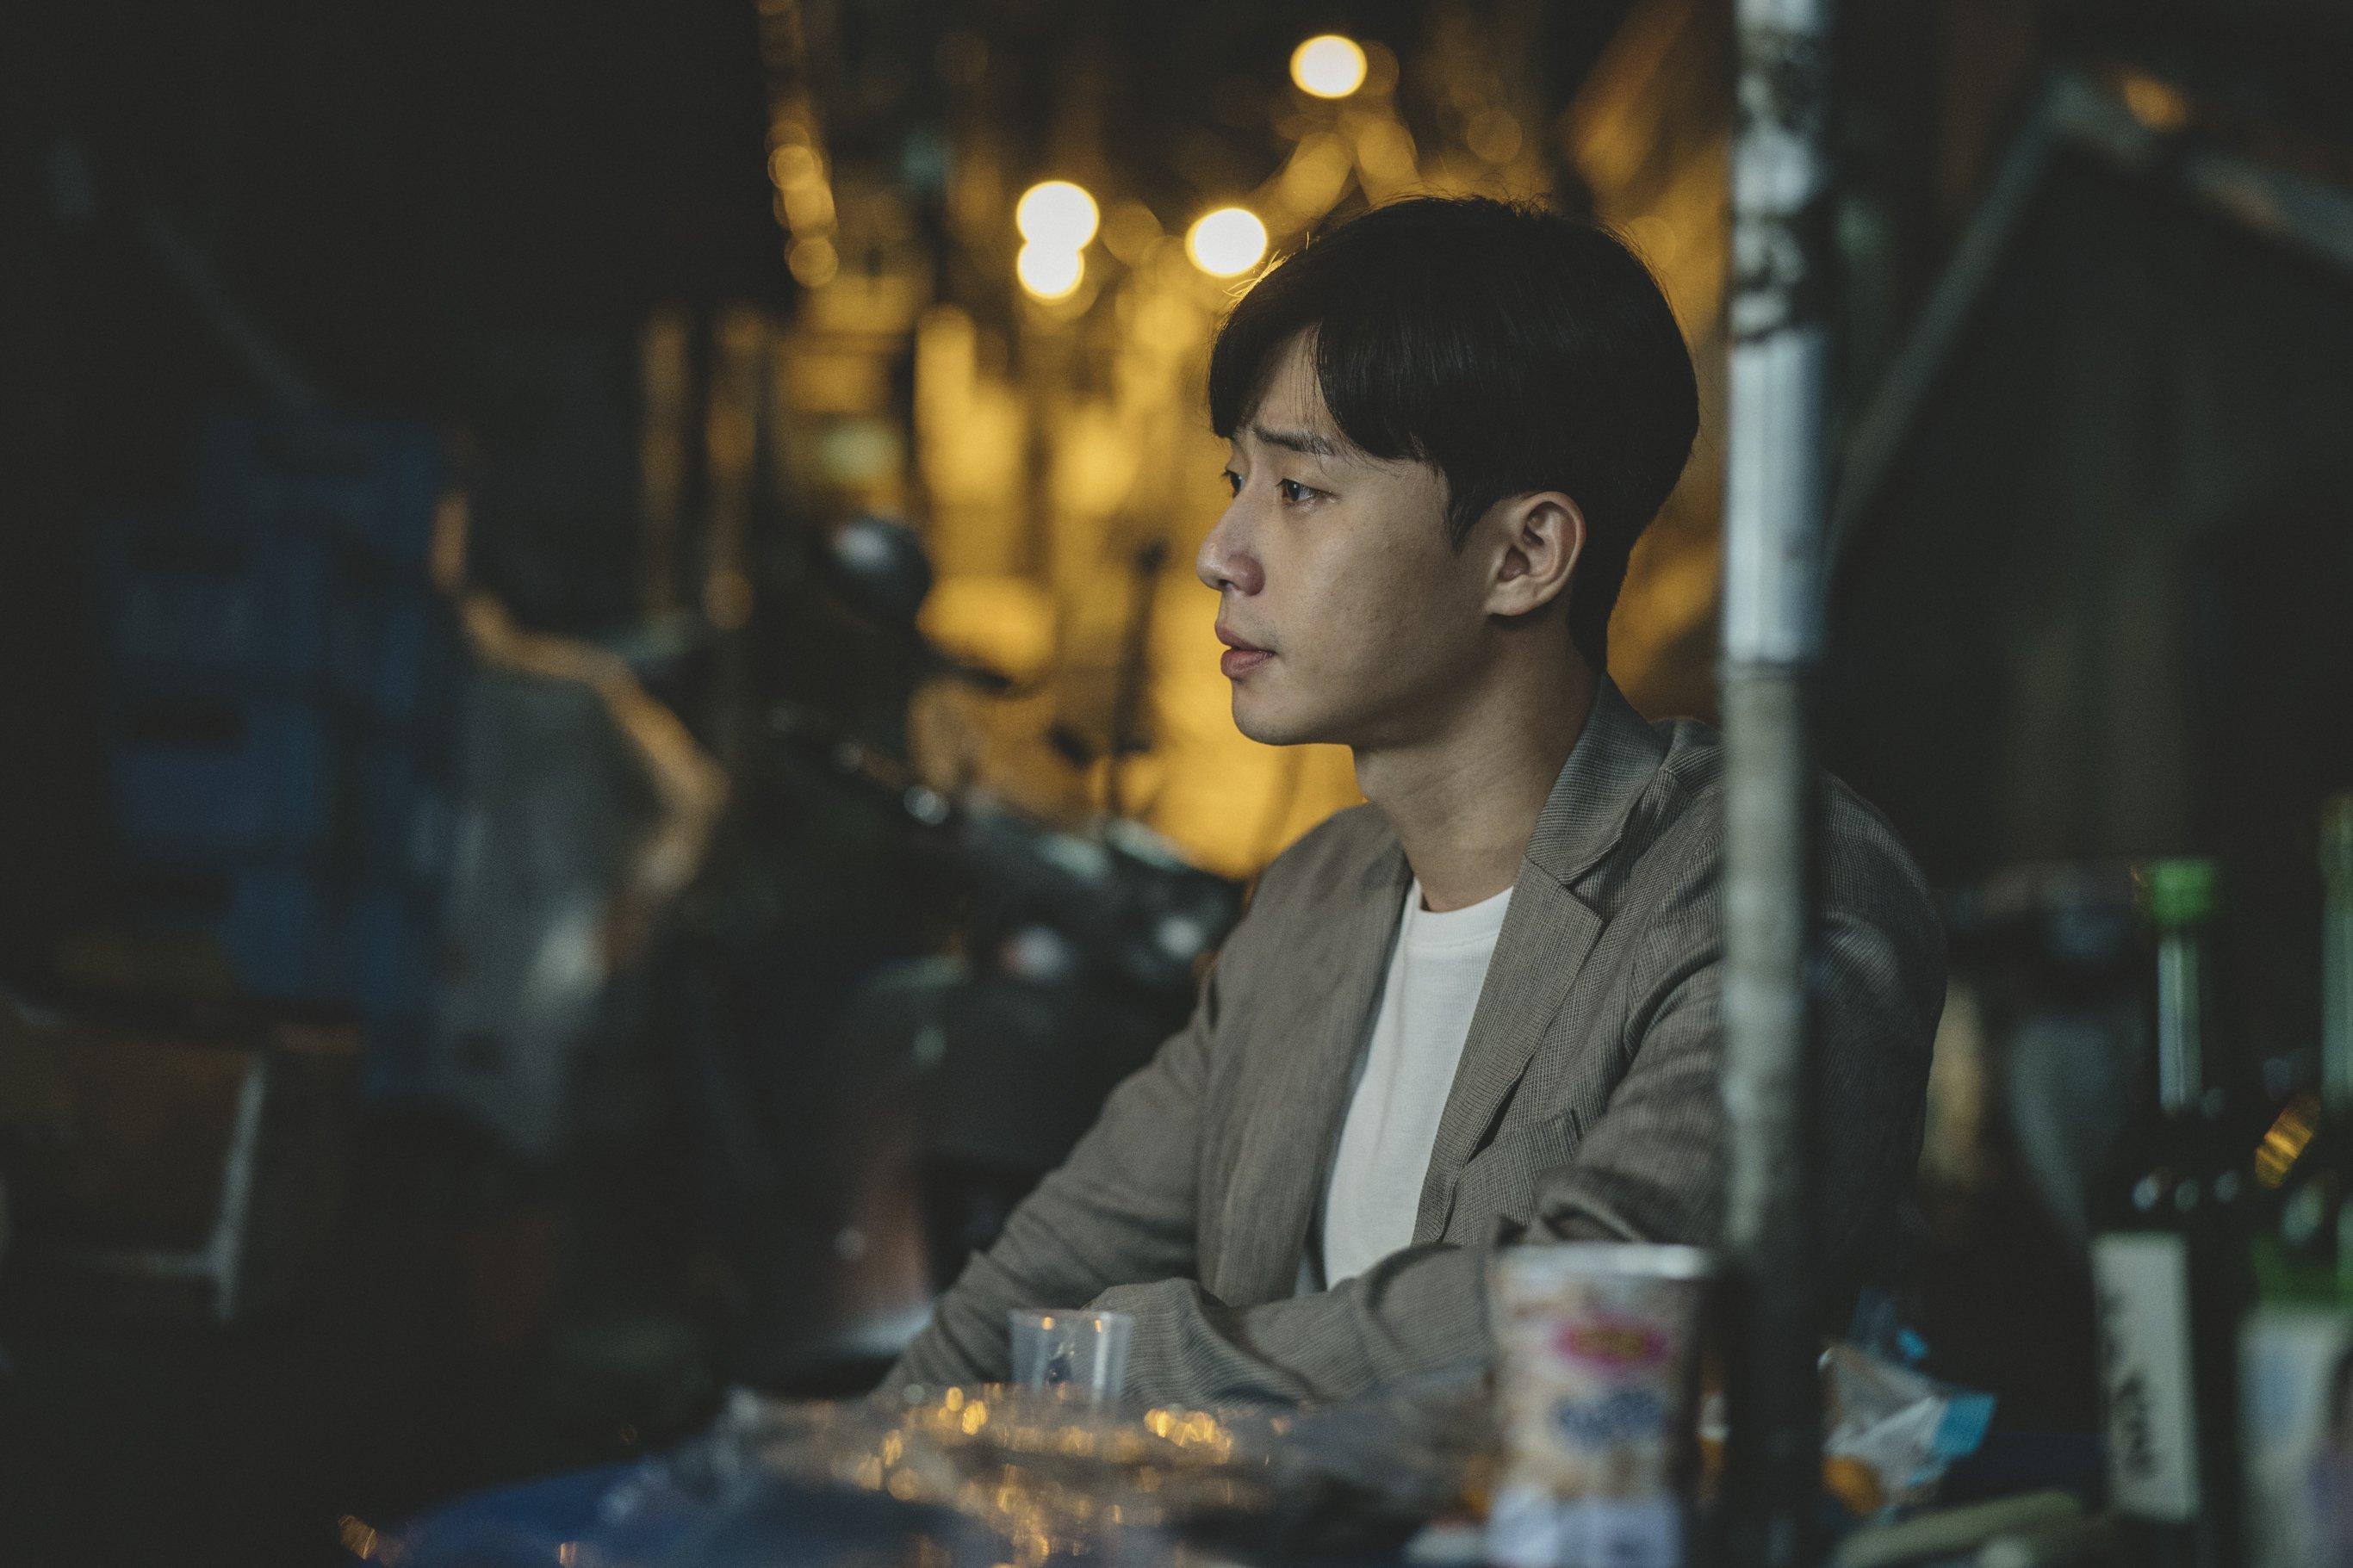 Park Seo Joon: Người Tốt, Kẻ Xấu Hay Cầu Nối Giữa Ký Sinh Trùng Và Vật Chủ? - Hình 1